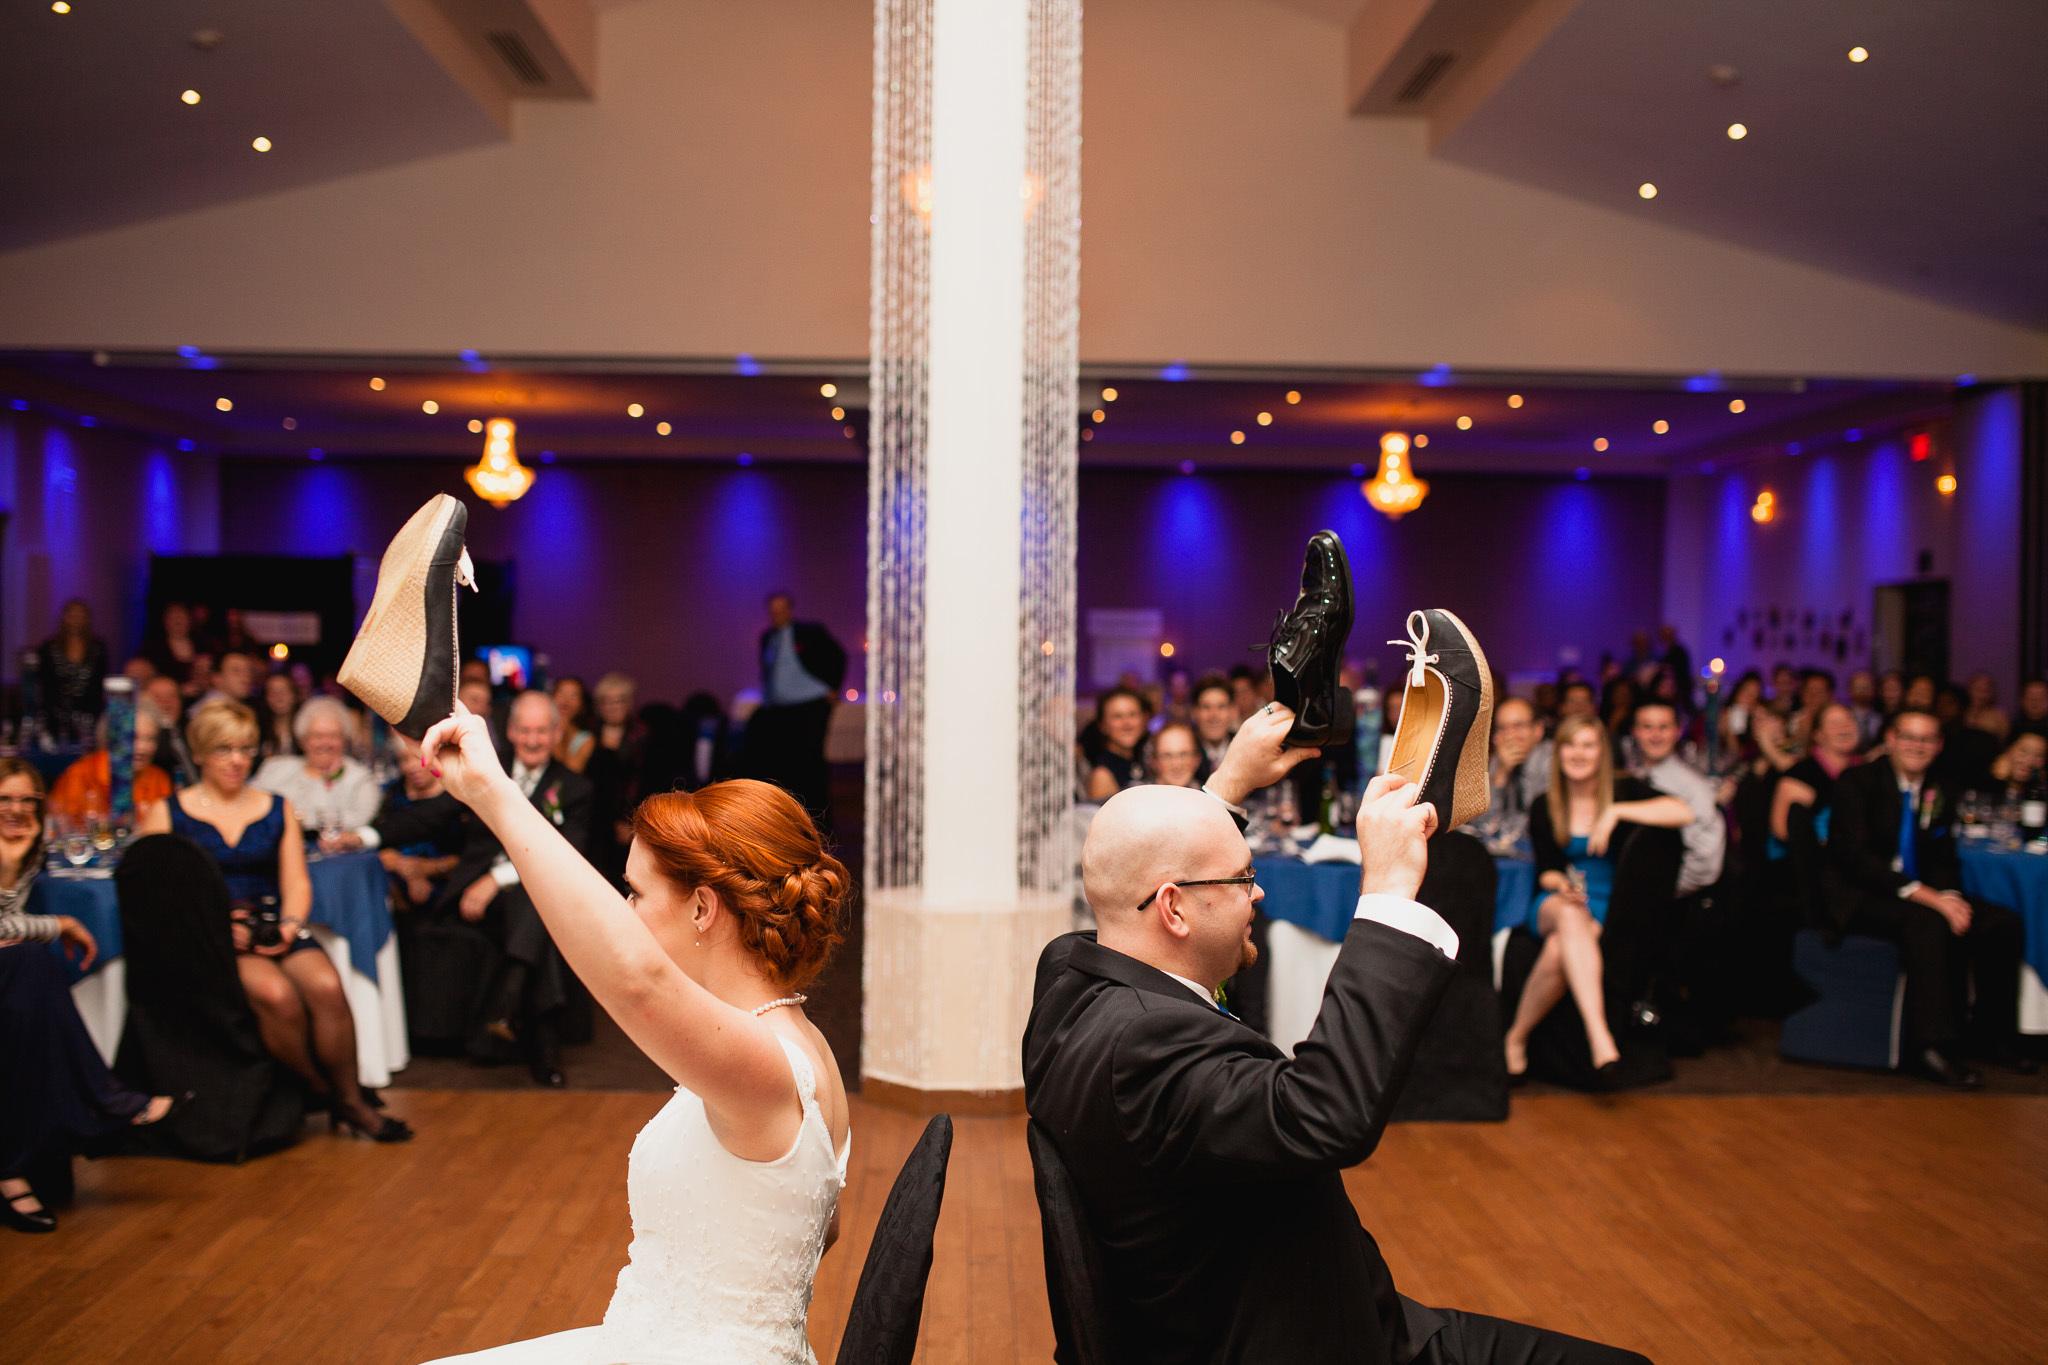 384-Jonathan-Kuhn-Photography-Jami-And-Tristan-Wedding-0645.jpg